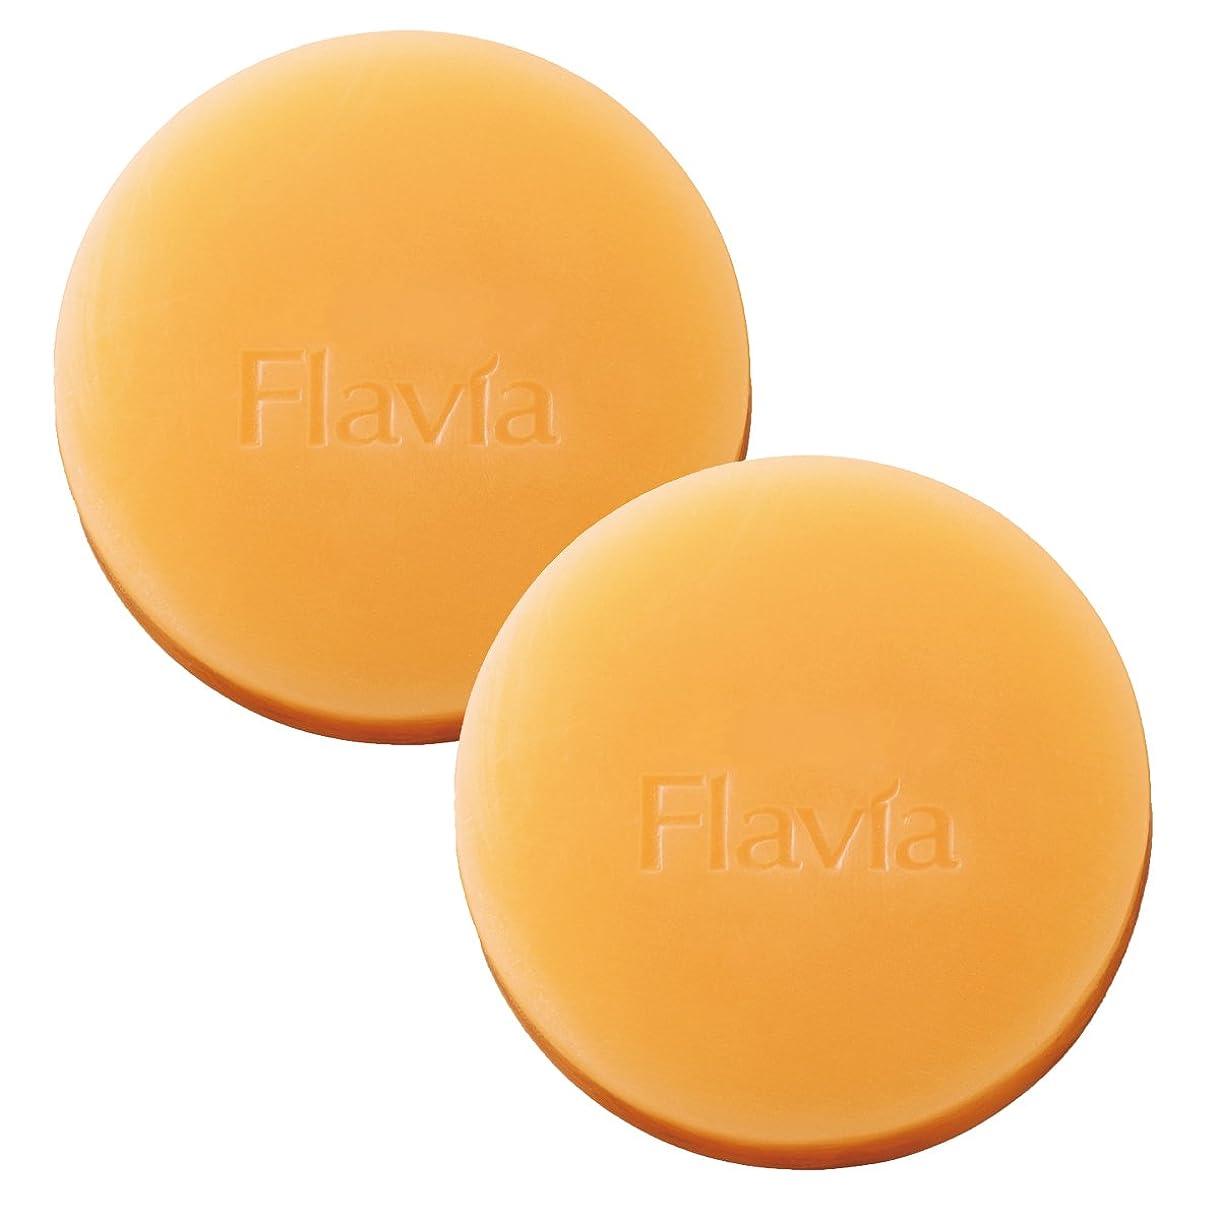 敬意を表してインチ治療フォーマルクライン 薬用 フラビア ソープ 夜用 2個セット 洗顔 石けん